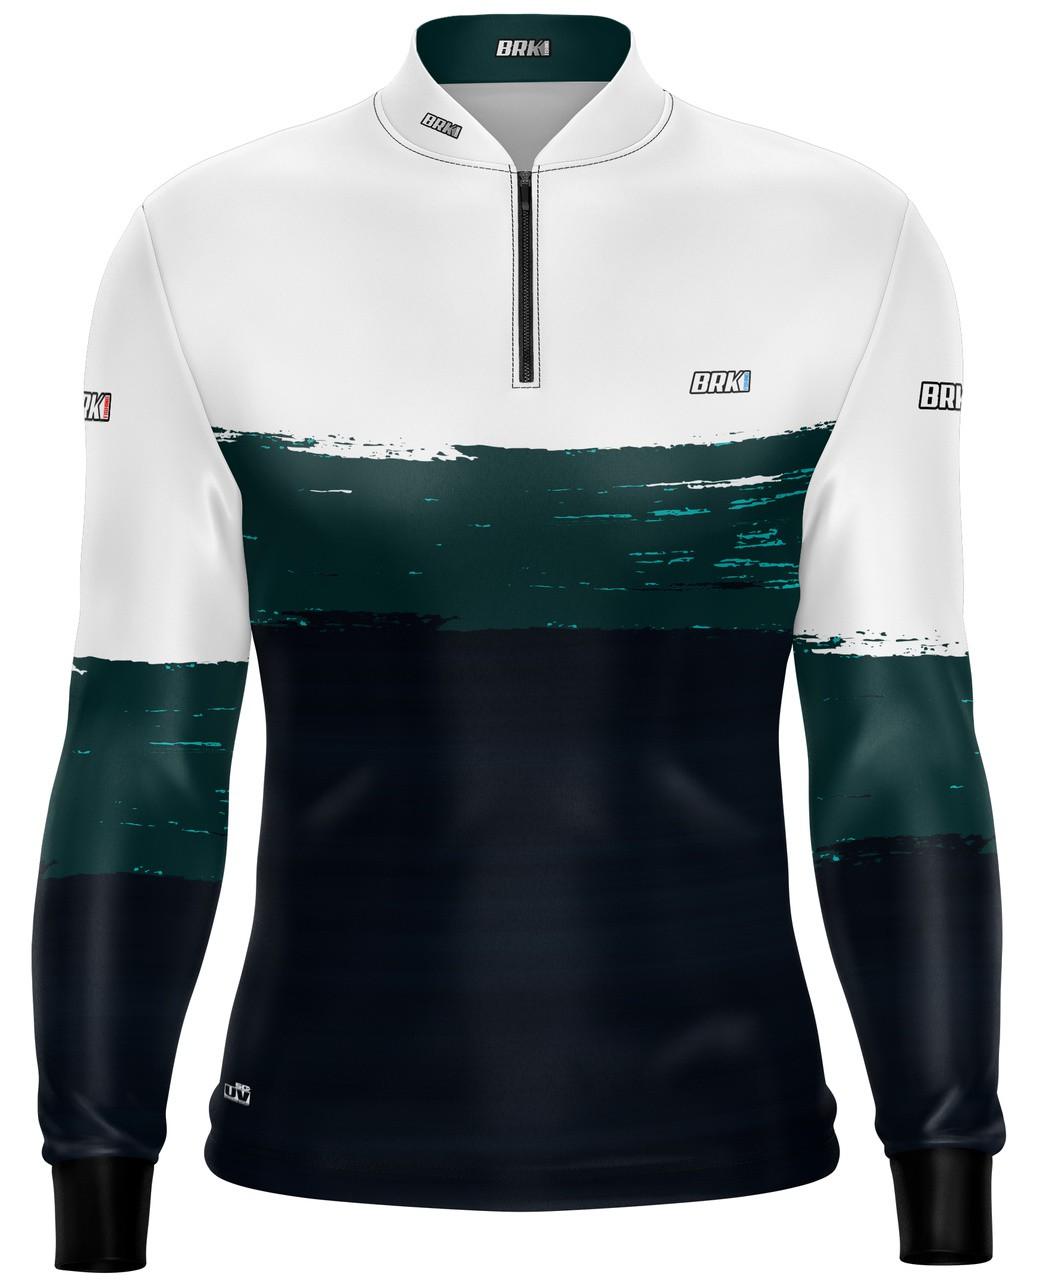 Camisa de Pesca Brk Grounge White com Fps 50+